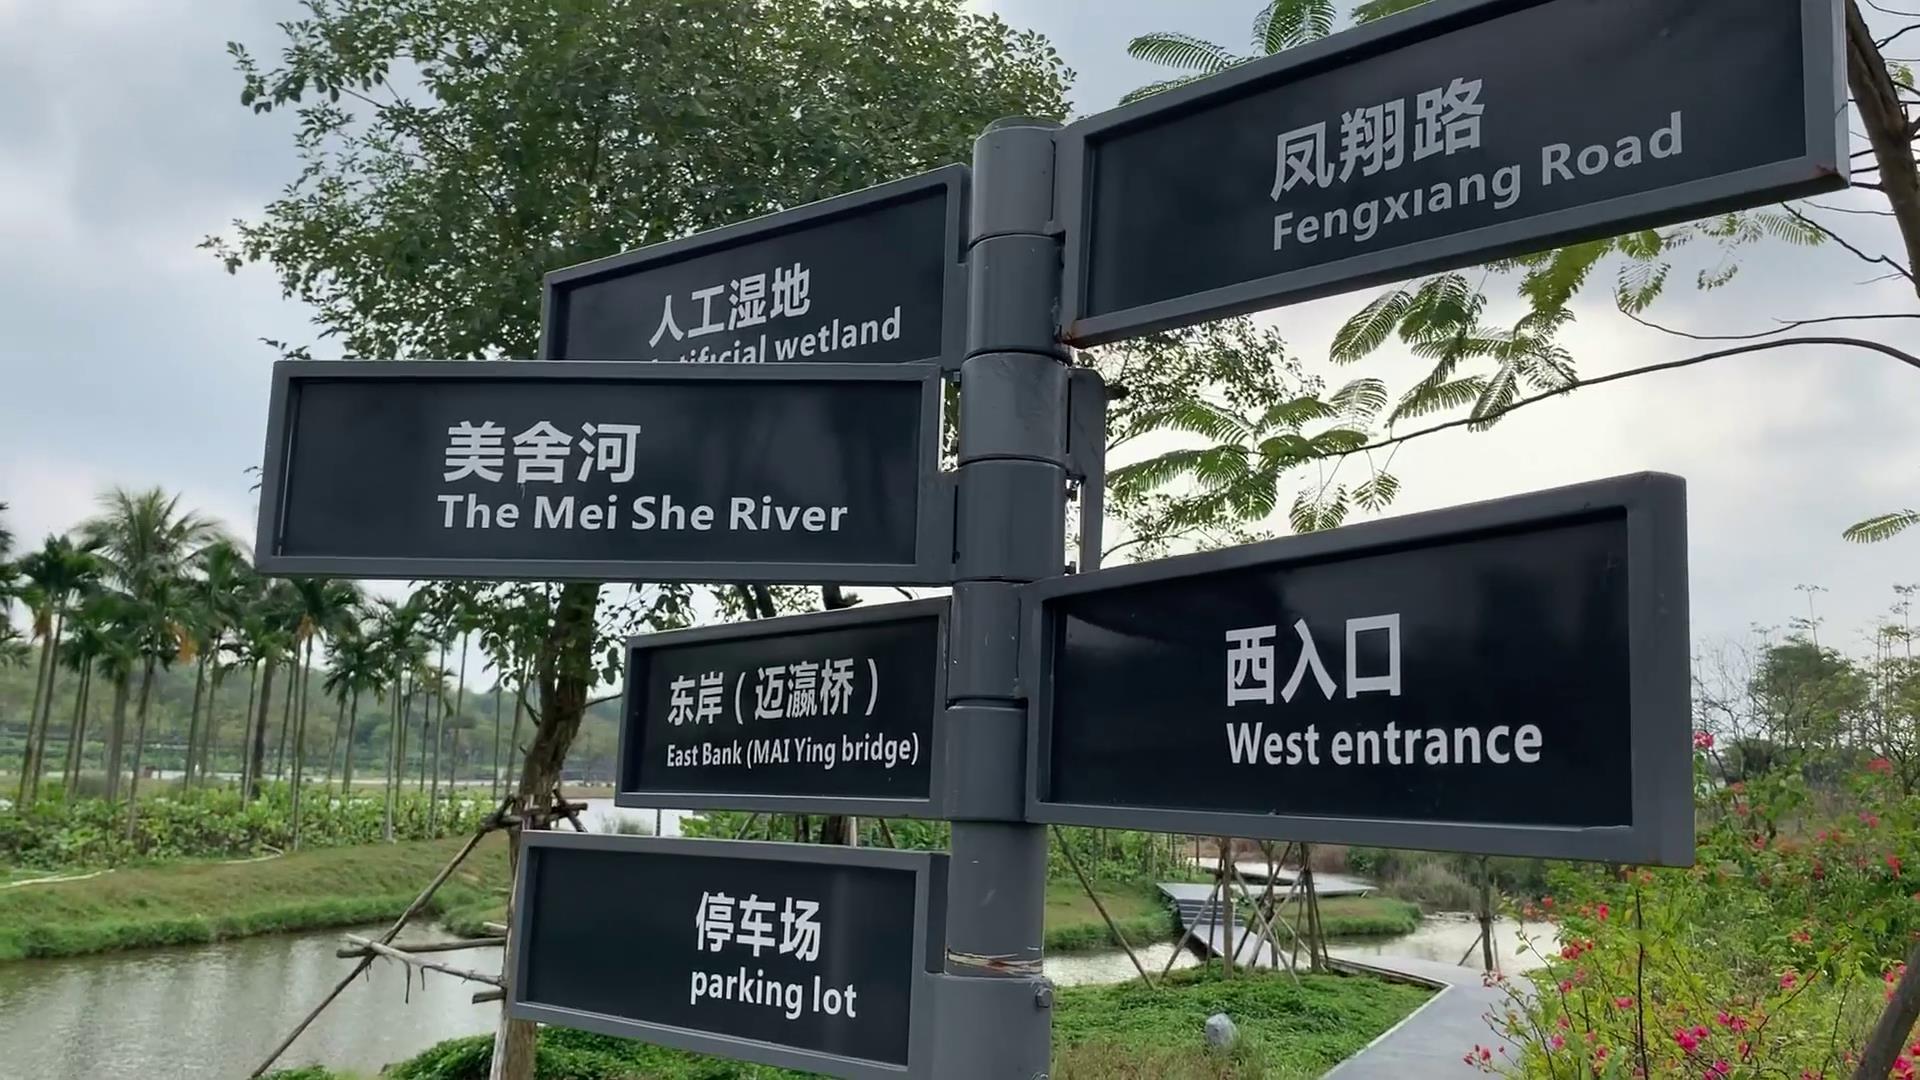 海口美舍河鳳翔濕地公園 打造生態新名片圖片